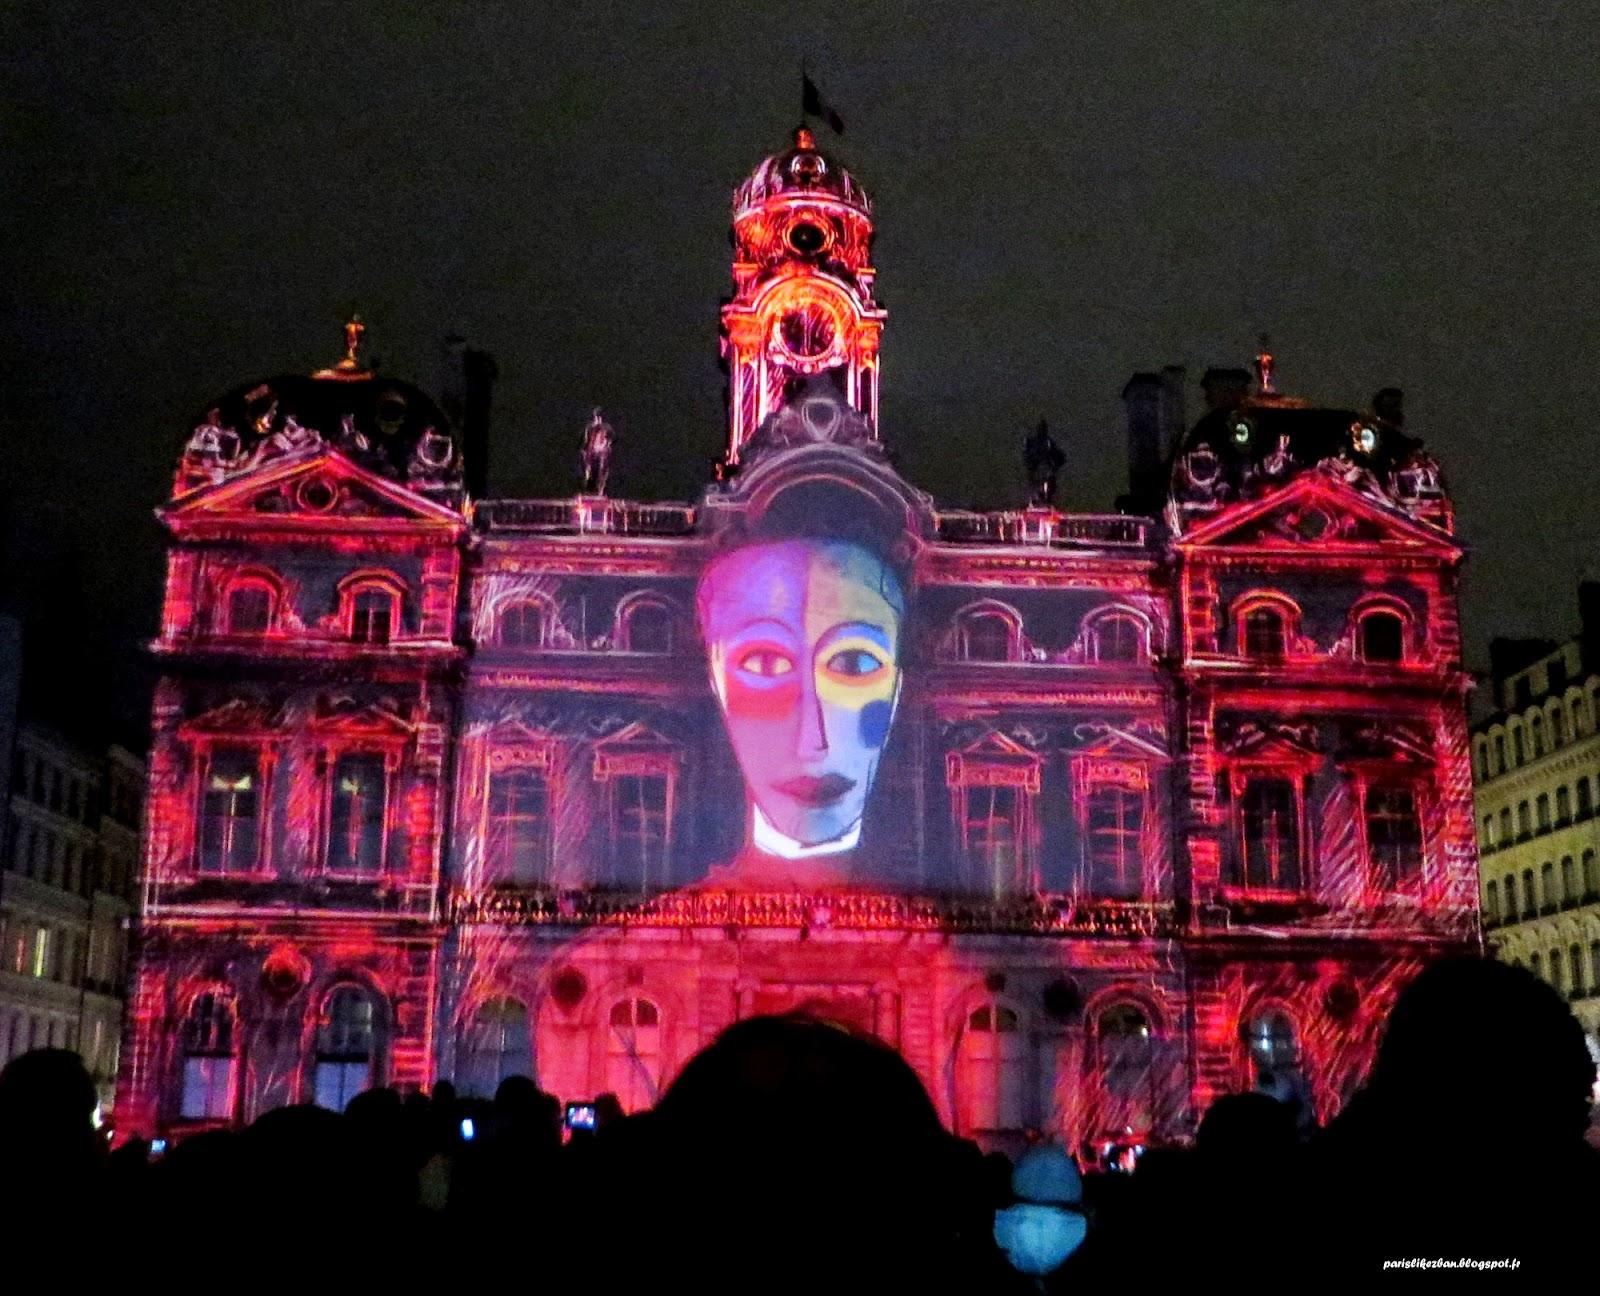 Kezban Paristen Bildiriyor Lyonda Yapılacaklar Gezilecekler